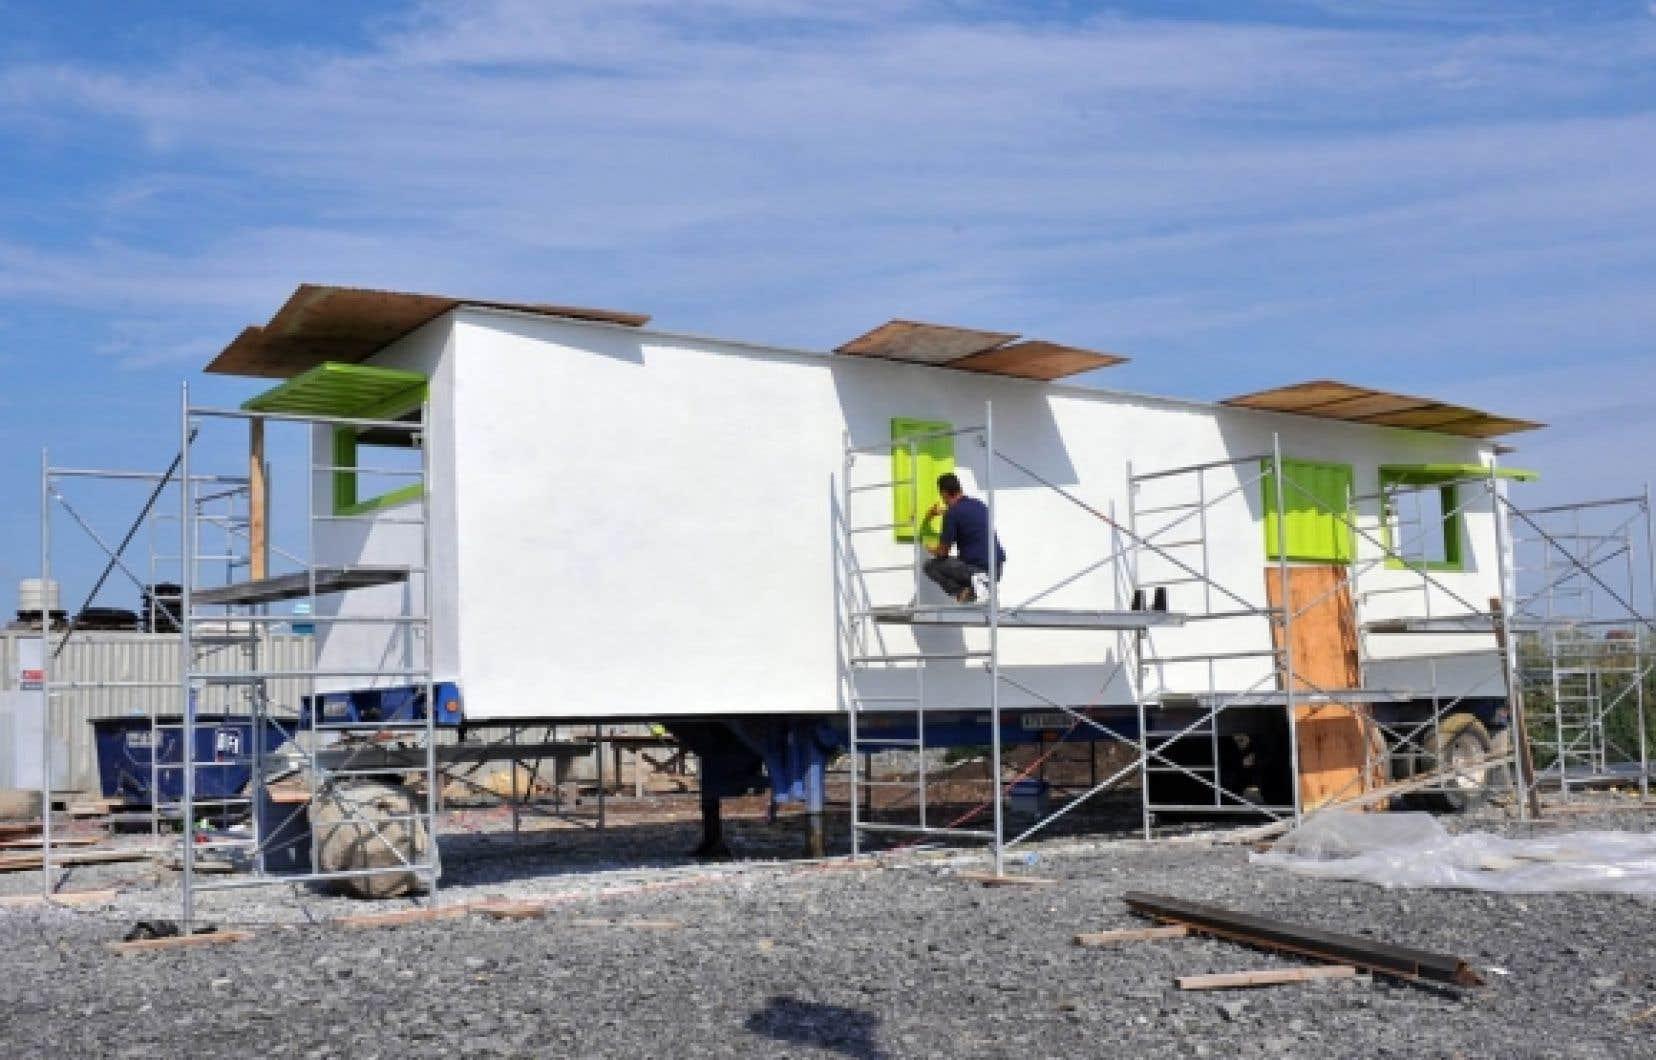 Le prototype de maison-conteneur a été préparé par Les Constructions nomades, situées à Boisbriand. Elle a été conçue pour recevoir une famille moyenne de cinq à sept membres. Séparée en trois sections, elle compte une pièce pour la cuisine, une pour la chambre des enfants et une autre pour la chambre principale.<br />